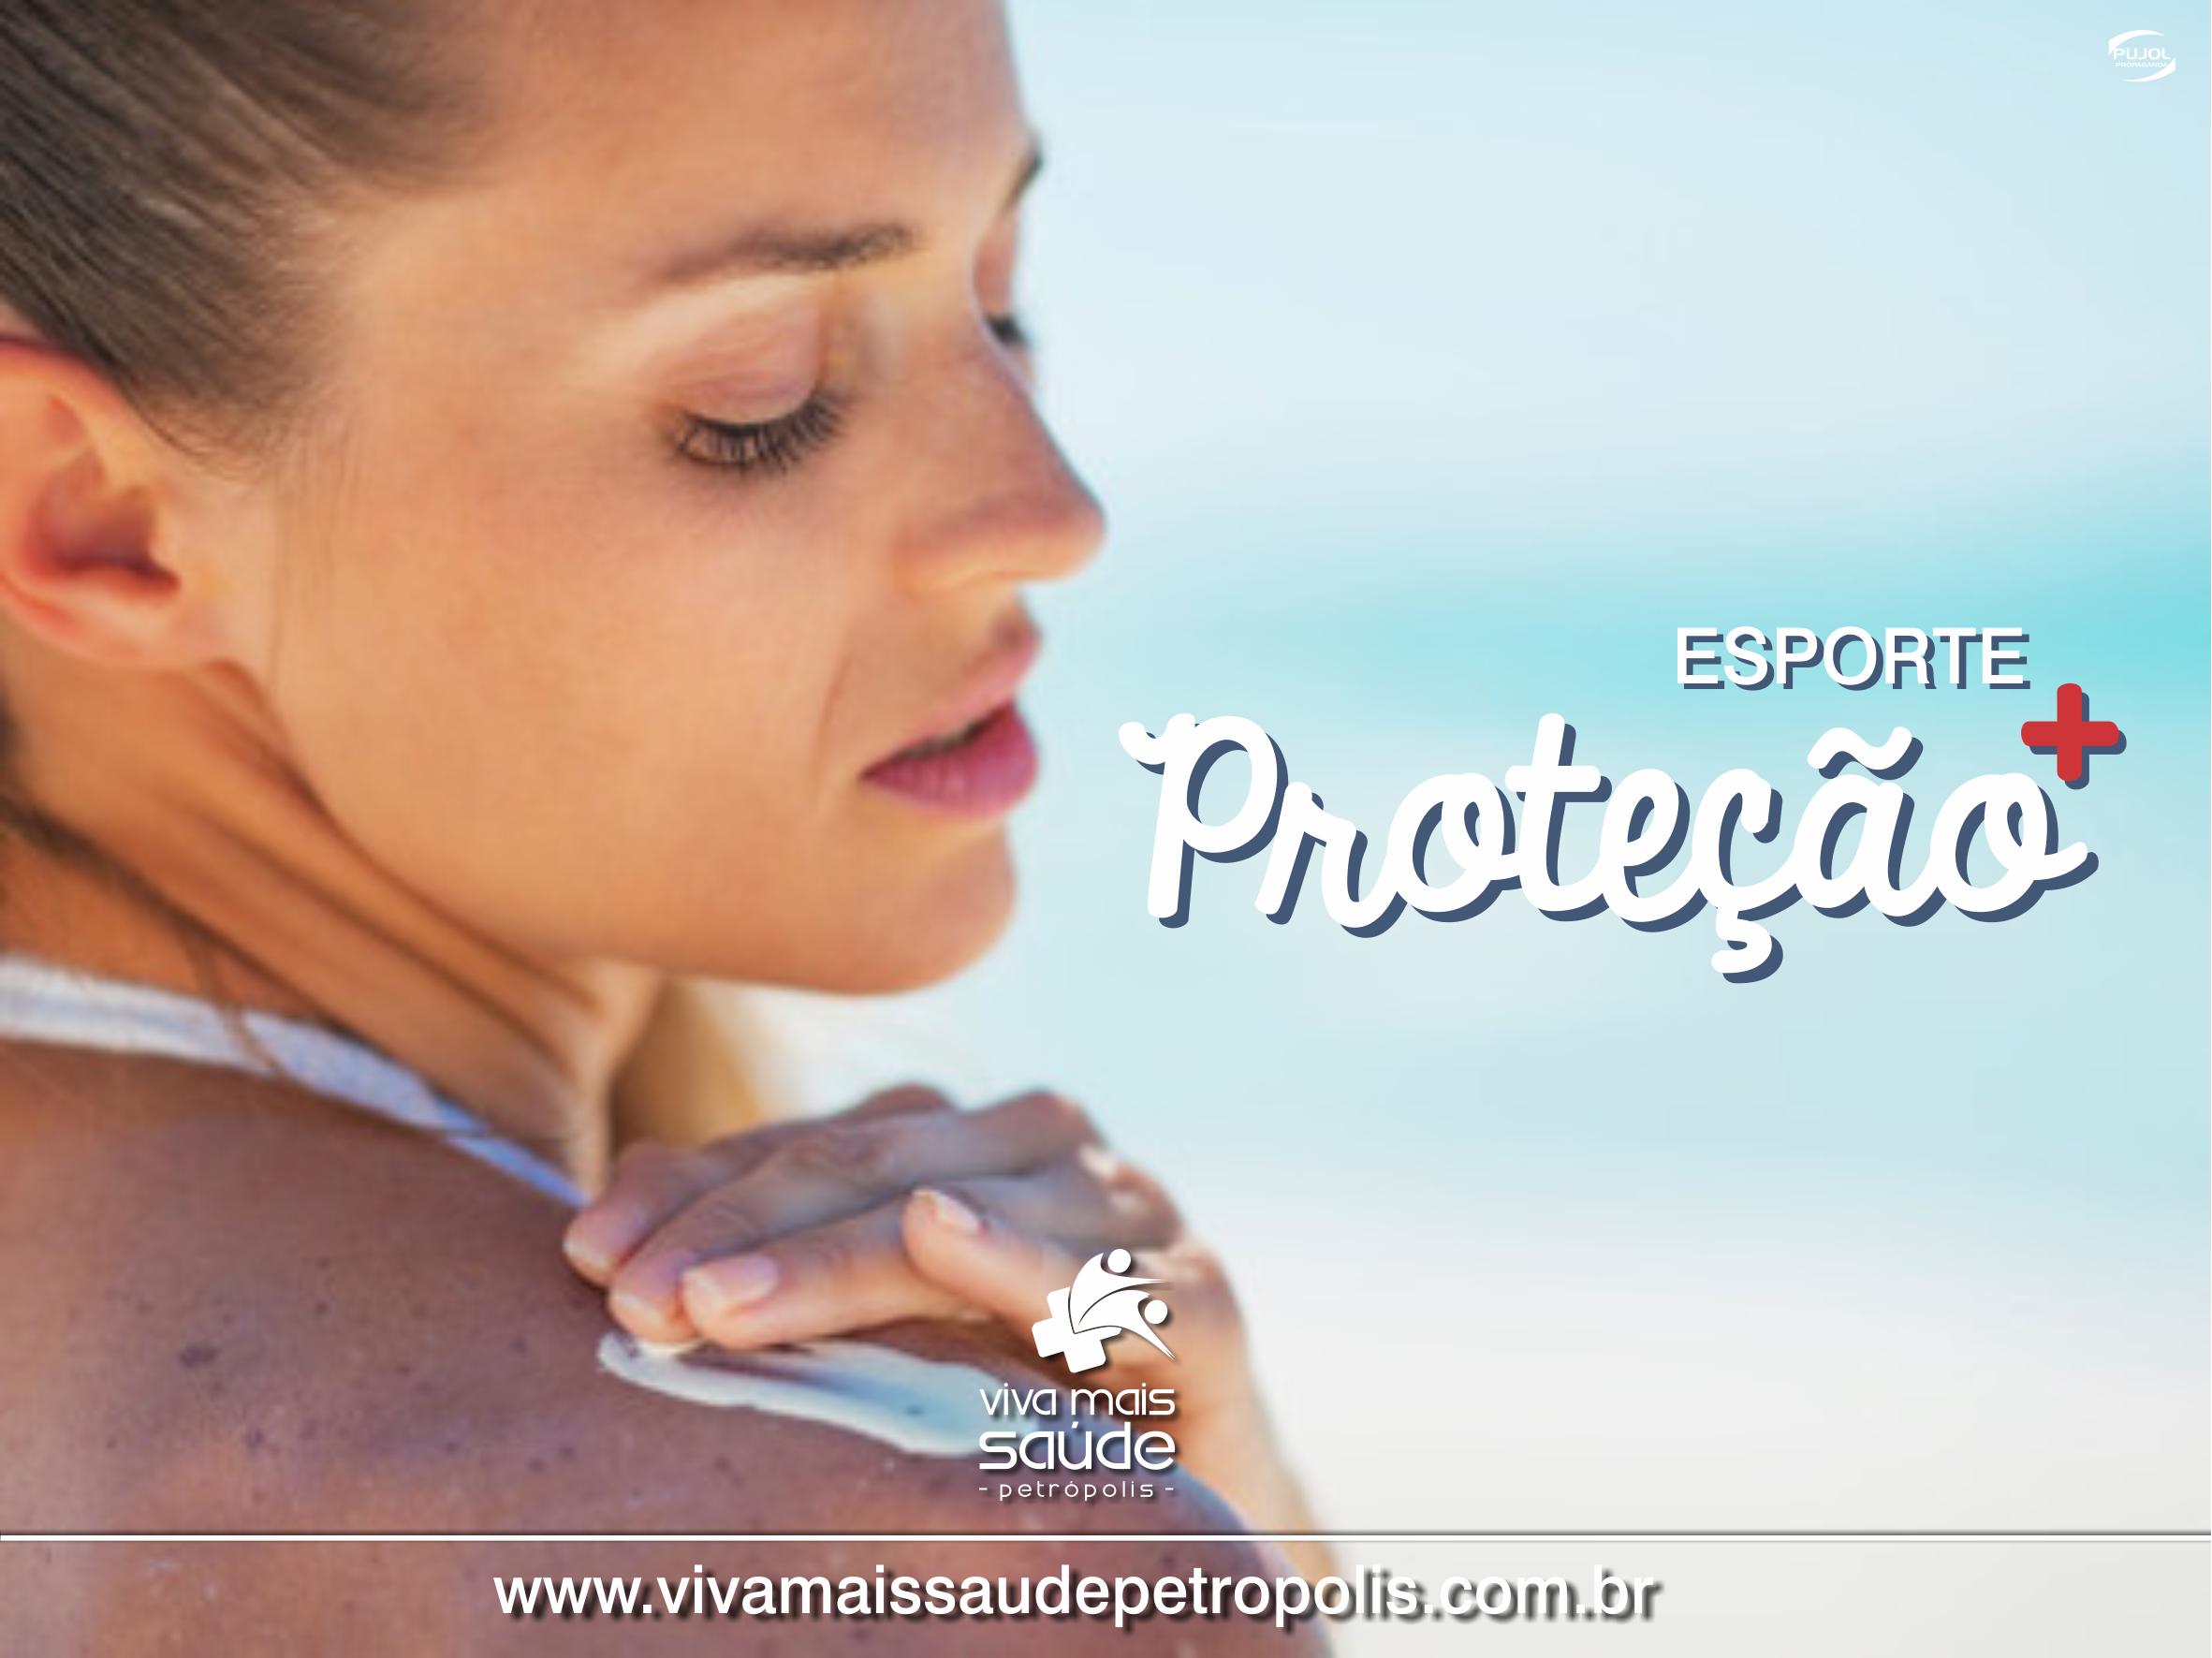 Facebook Publicações - Esporte + Proteção.png